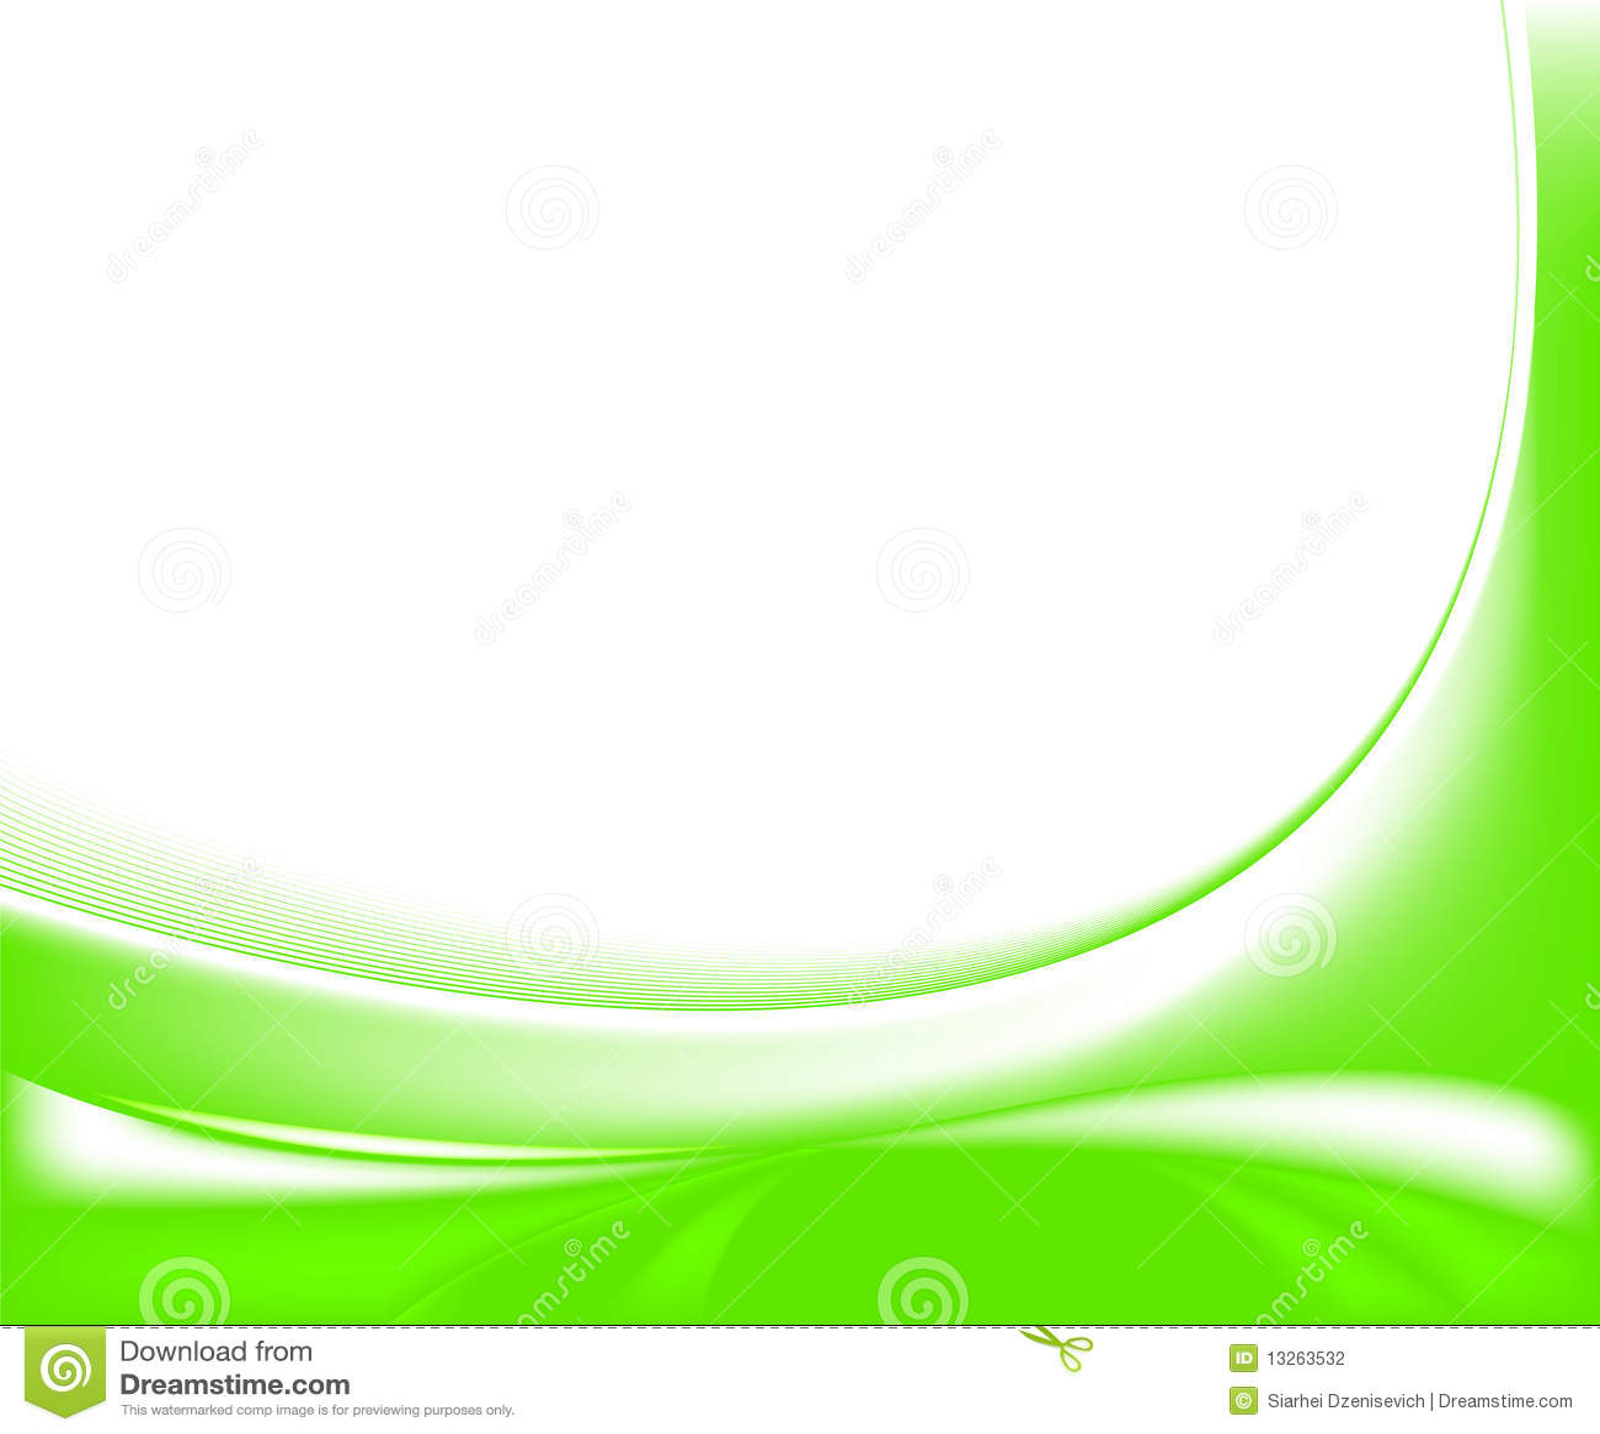 Balloons Clipart Abstract Green E...